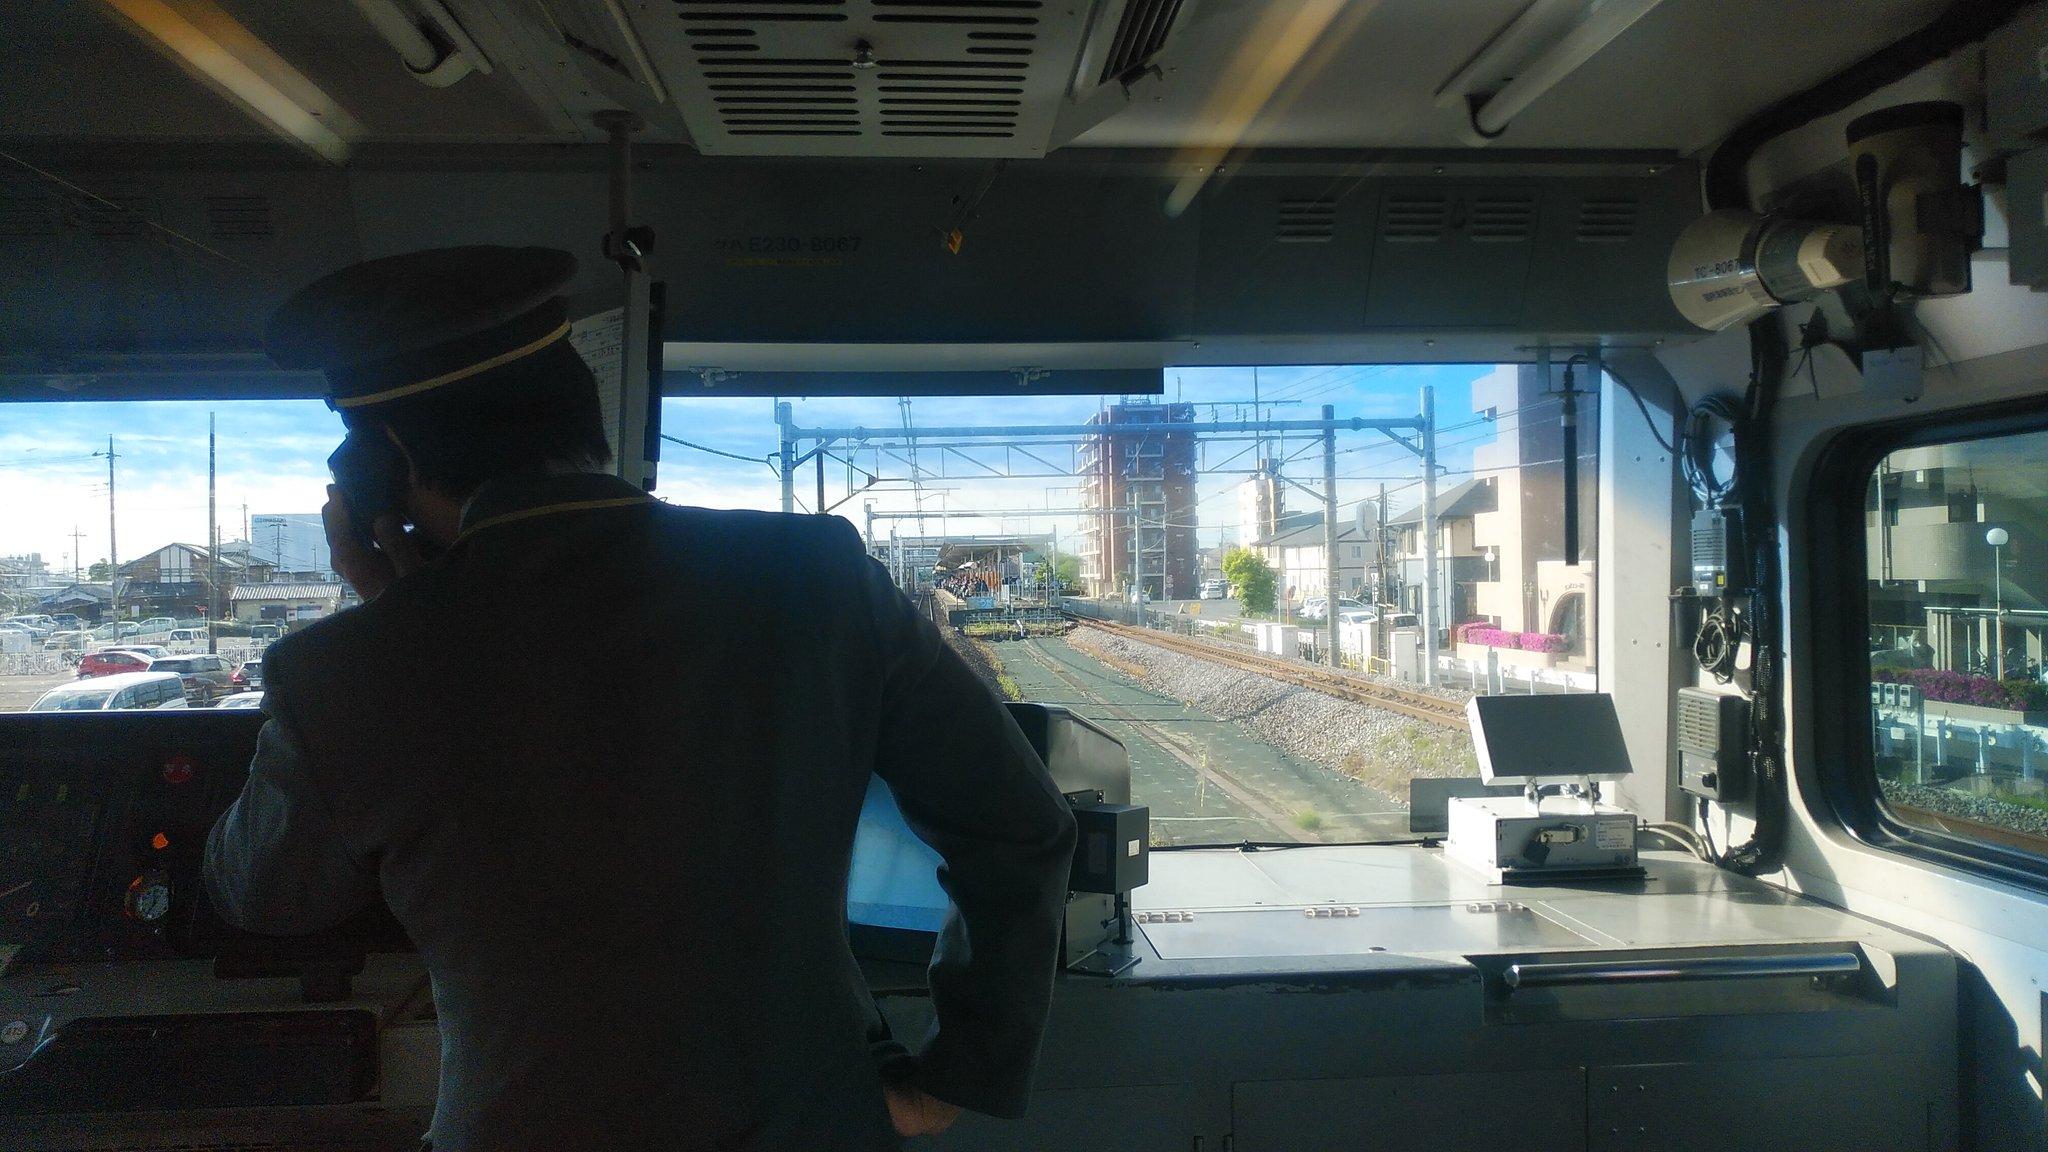 高崎線の行田駅~熊谷駅間で人身事故の現場画像